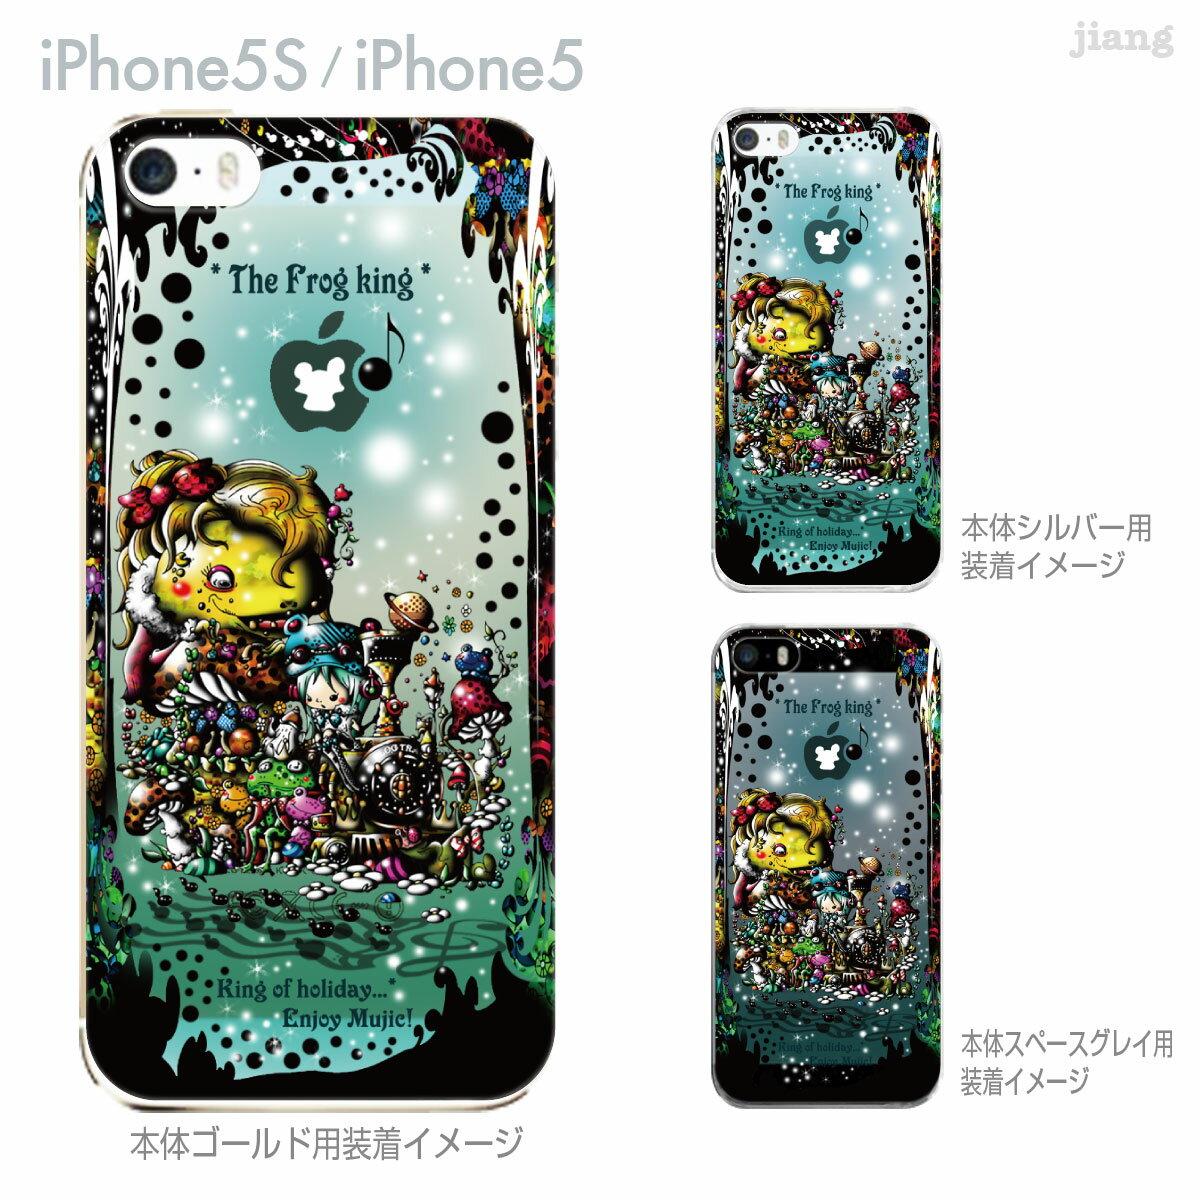 【iPhone5S】【iPhone5】【Little World】【iPhone5ケース】【カバー】【スマホケース】【クリアケース】【イラスト】【Clear Arts】【グリム童話】【かえるの王様】 25-ip5s-am0096